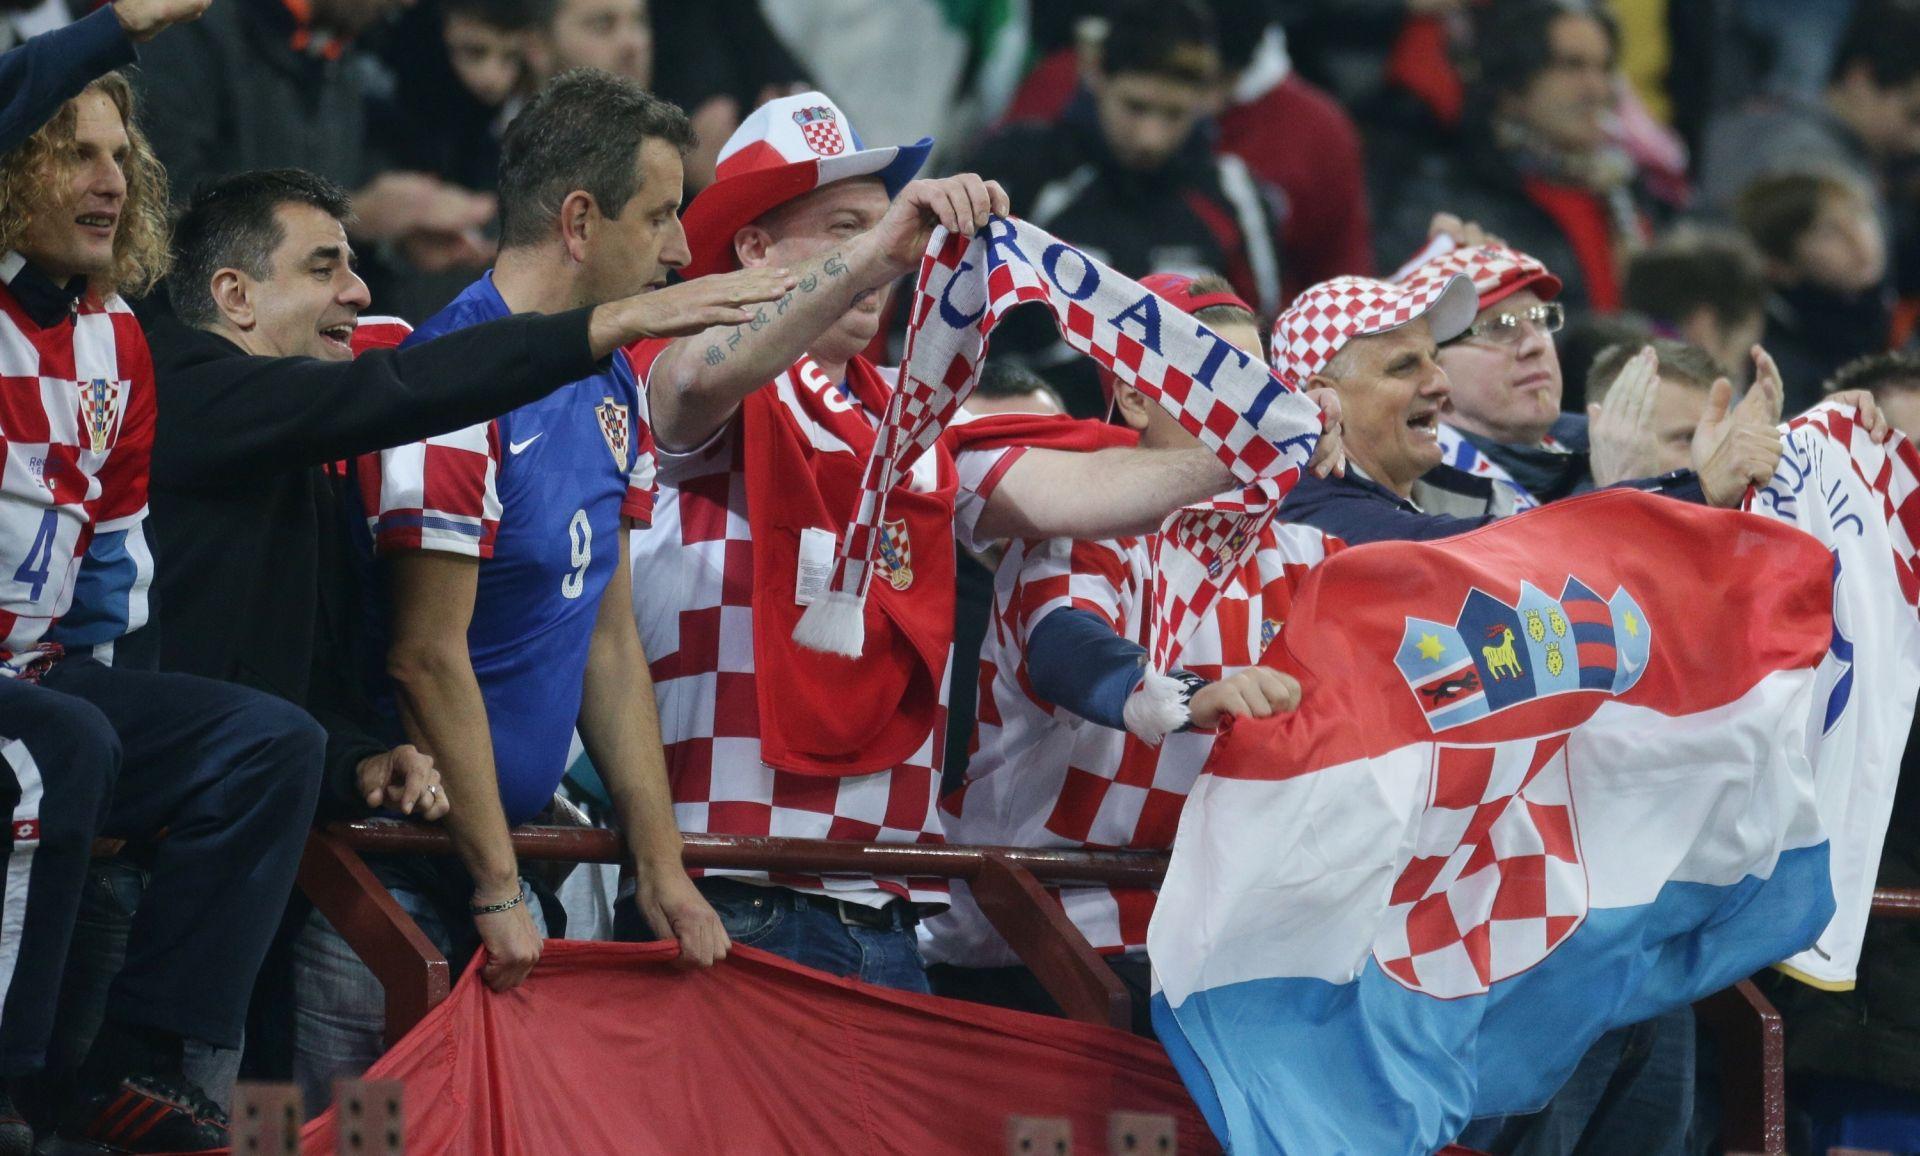 Hrvatski nogometni savez upozorava: Navijači, ne putujte na Maltu!